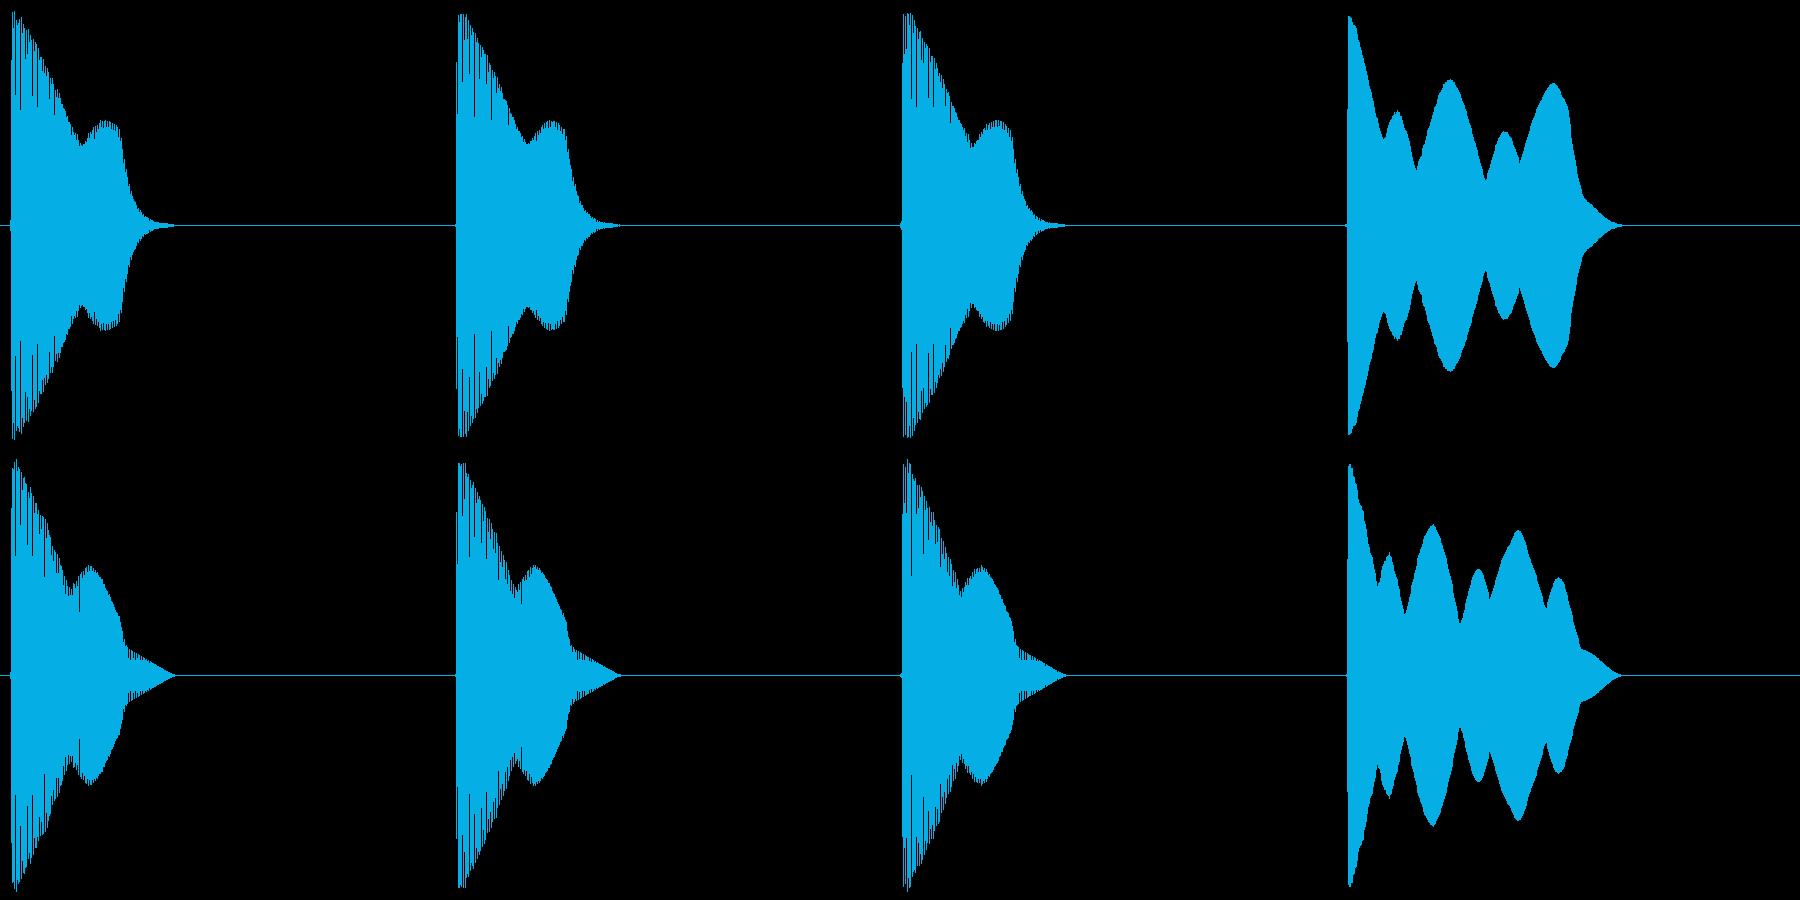 レース スタート合図音 近代Verの再生済みの波形